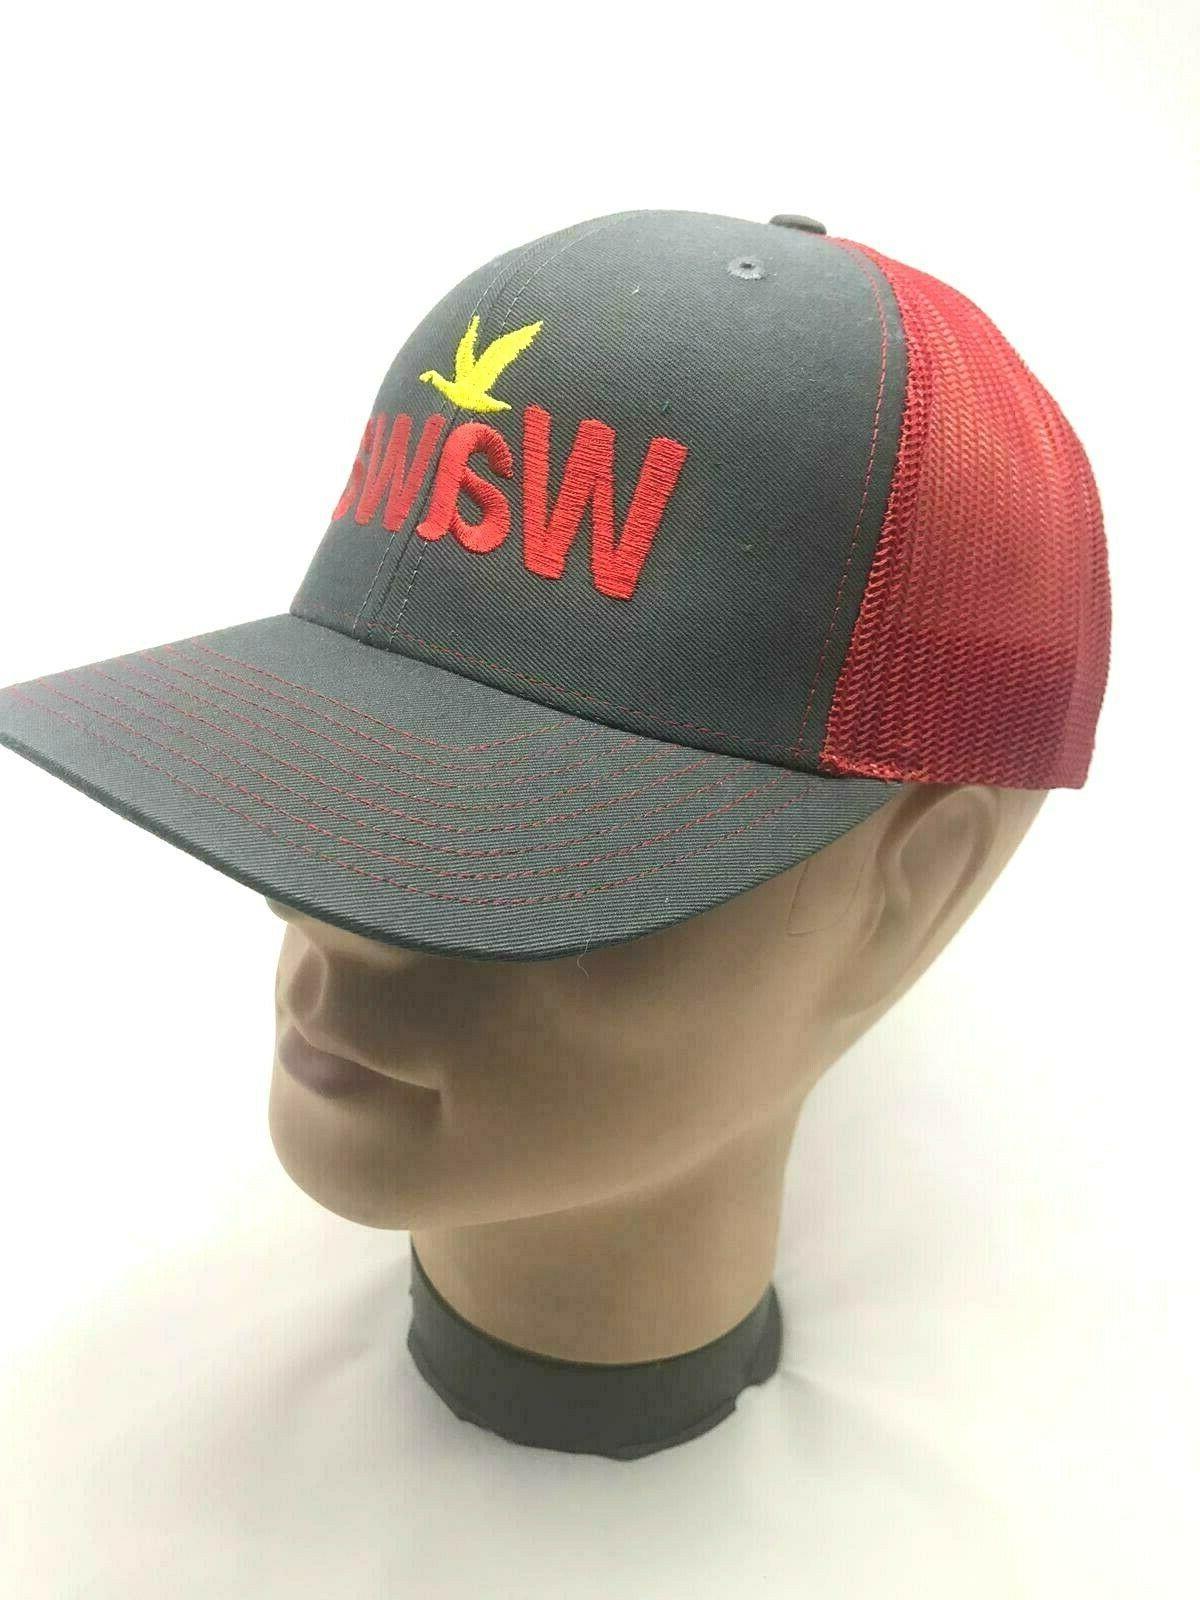 WAWA EMPLOYEE HAT..EMBROIDERED RICHARDSON112